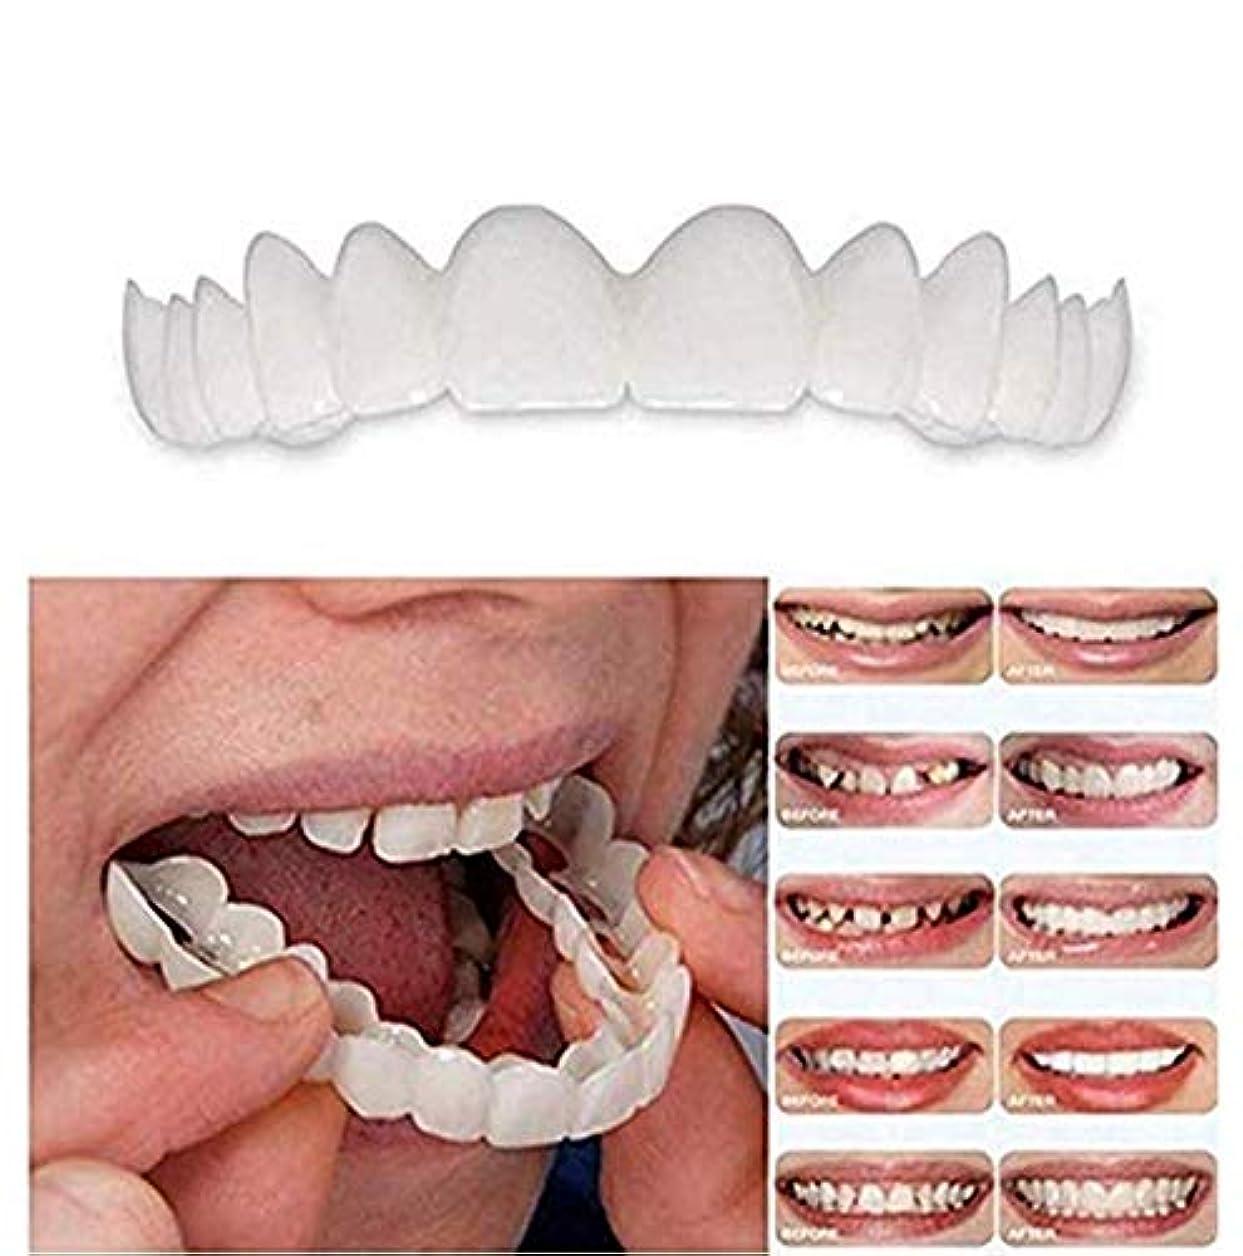 方法ポンプ追う14セットの再利用可能な歯カバー歯科用アクセサリー用の調節可能なソフト漂白偽歯科義歯